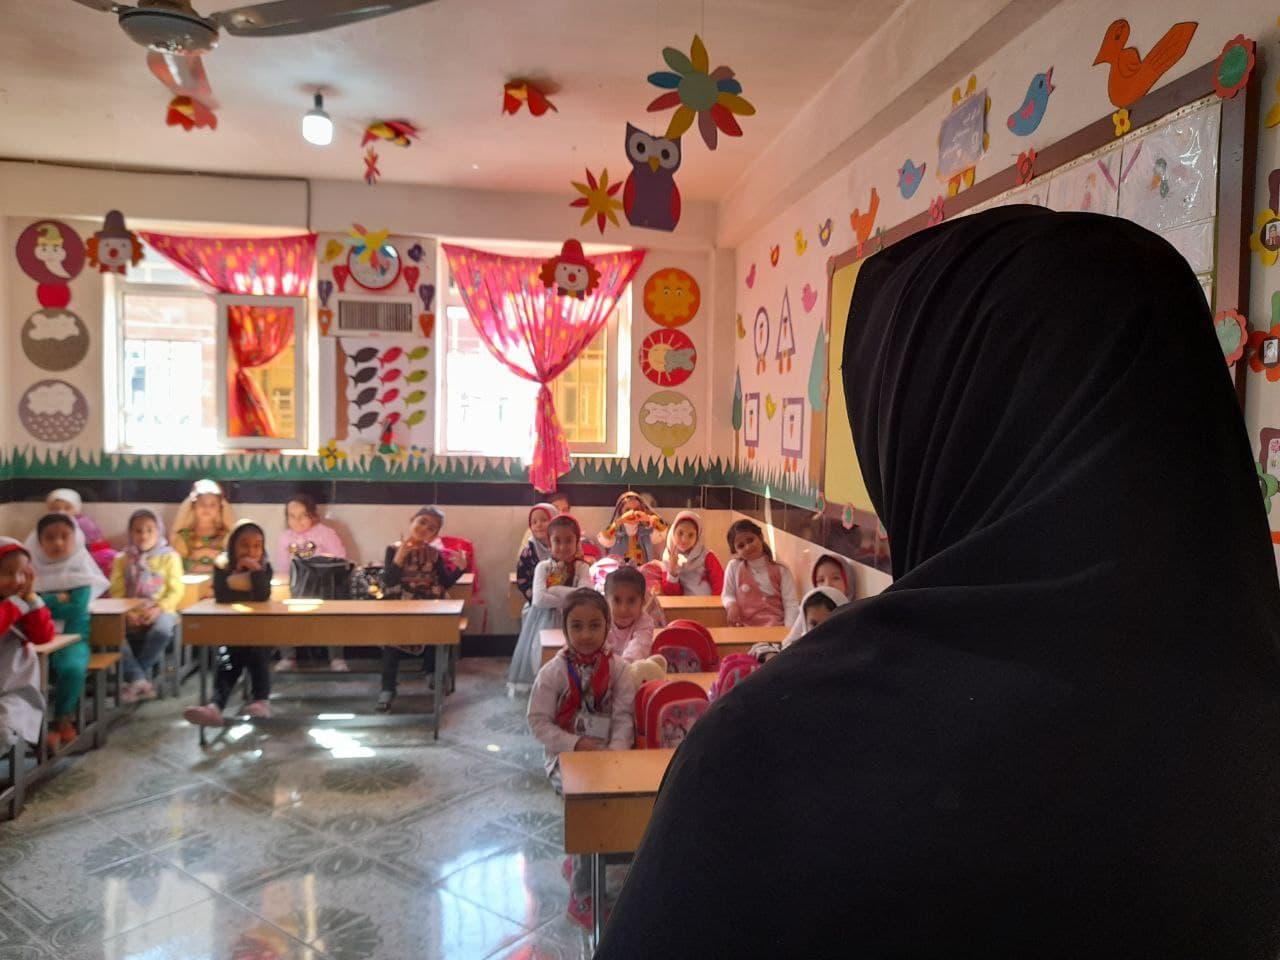 آموزگار در آخرین روز حضورش در صنف درسی مکتب.  عکاس: مریم مرسل